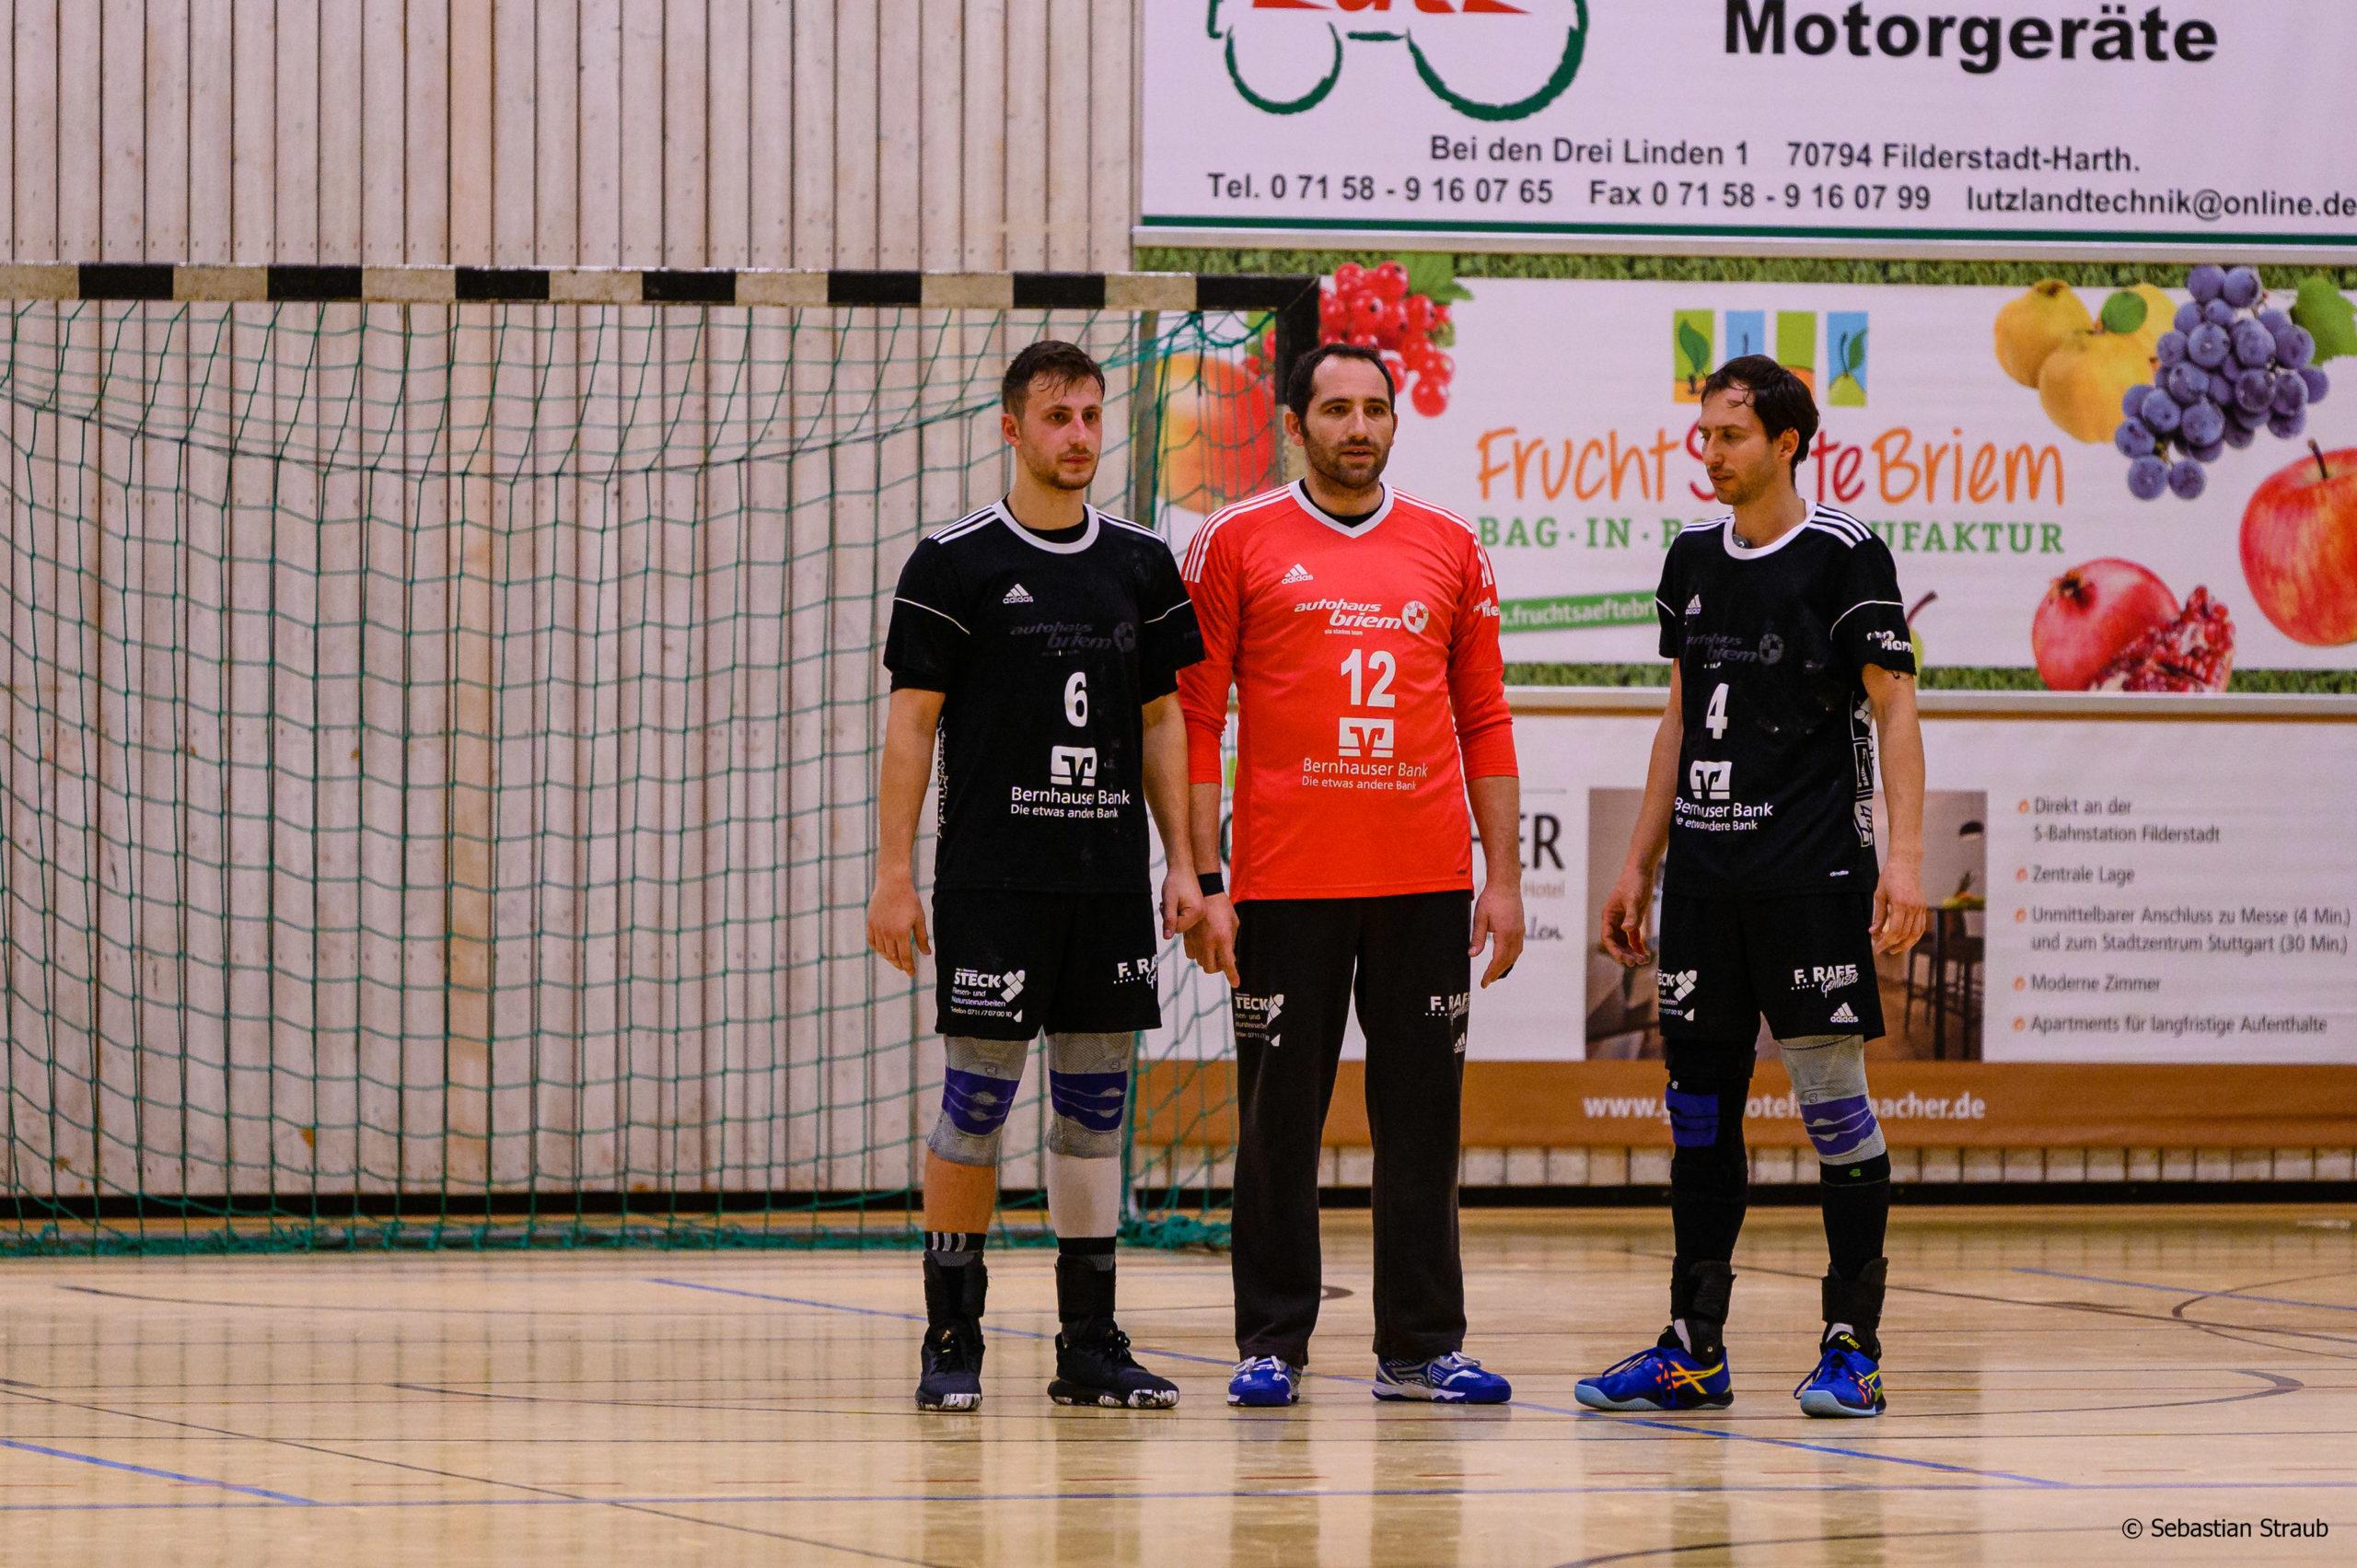 Das Foto ist von der Niederlage gegen HT Uhingen-Holzhausen. Es zeigt Uli Bückle, Musai Zeneli und Martin Alber, die nach dem Spiel etwas bedröppelt dreinschauen.